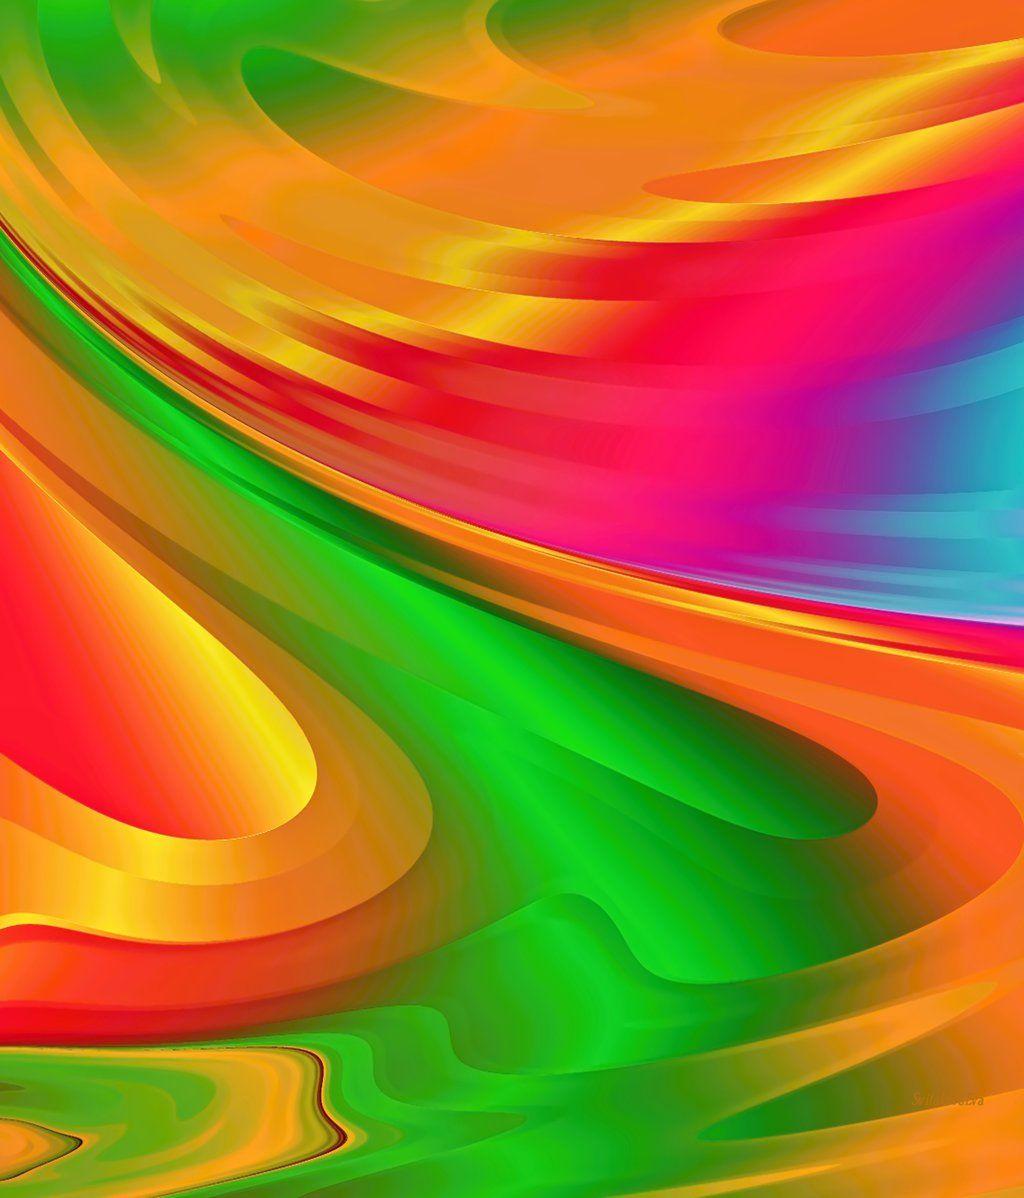 Summer Abstract Wallpaper By SvitakovaEva.deviantart.com